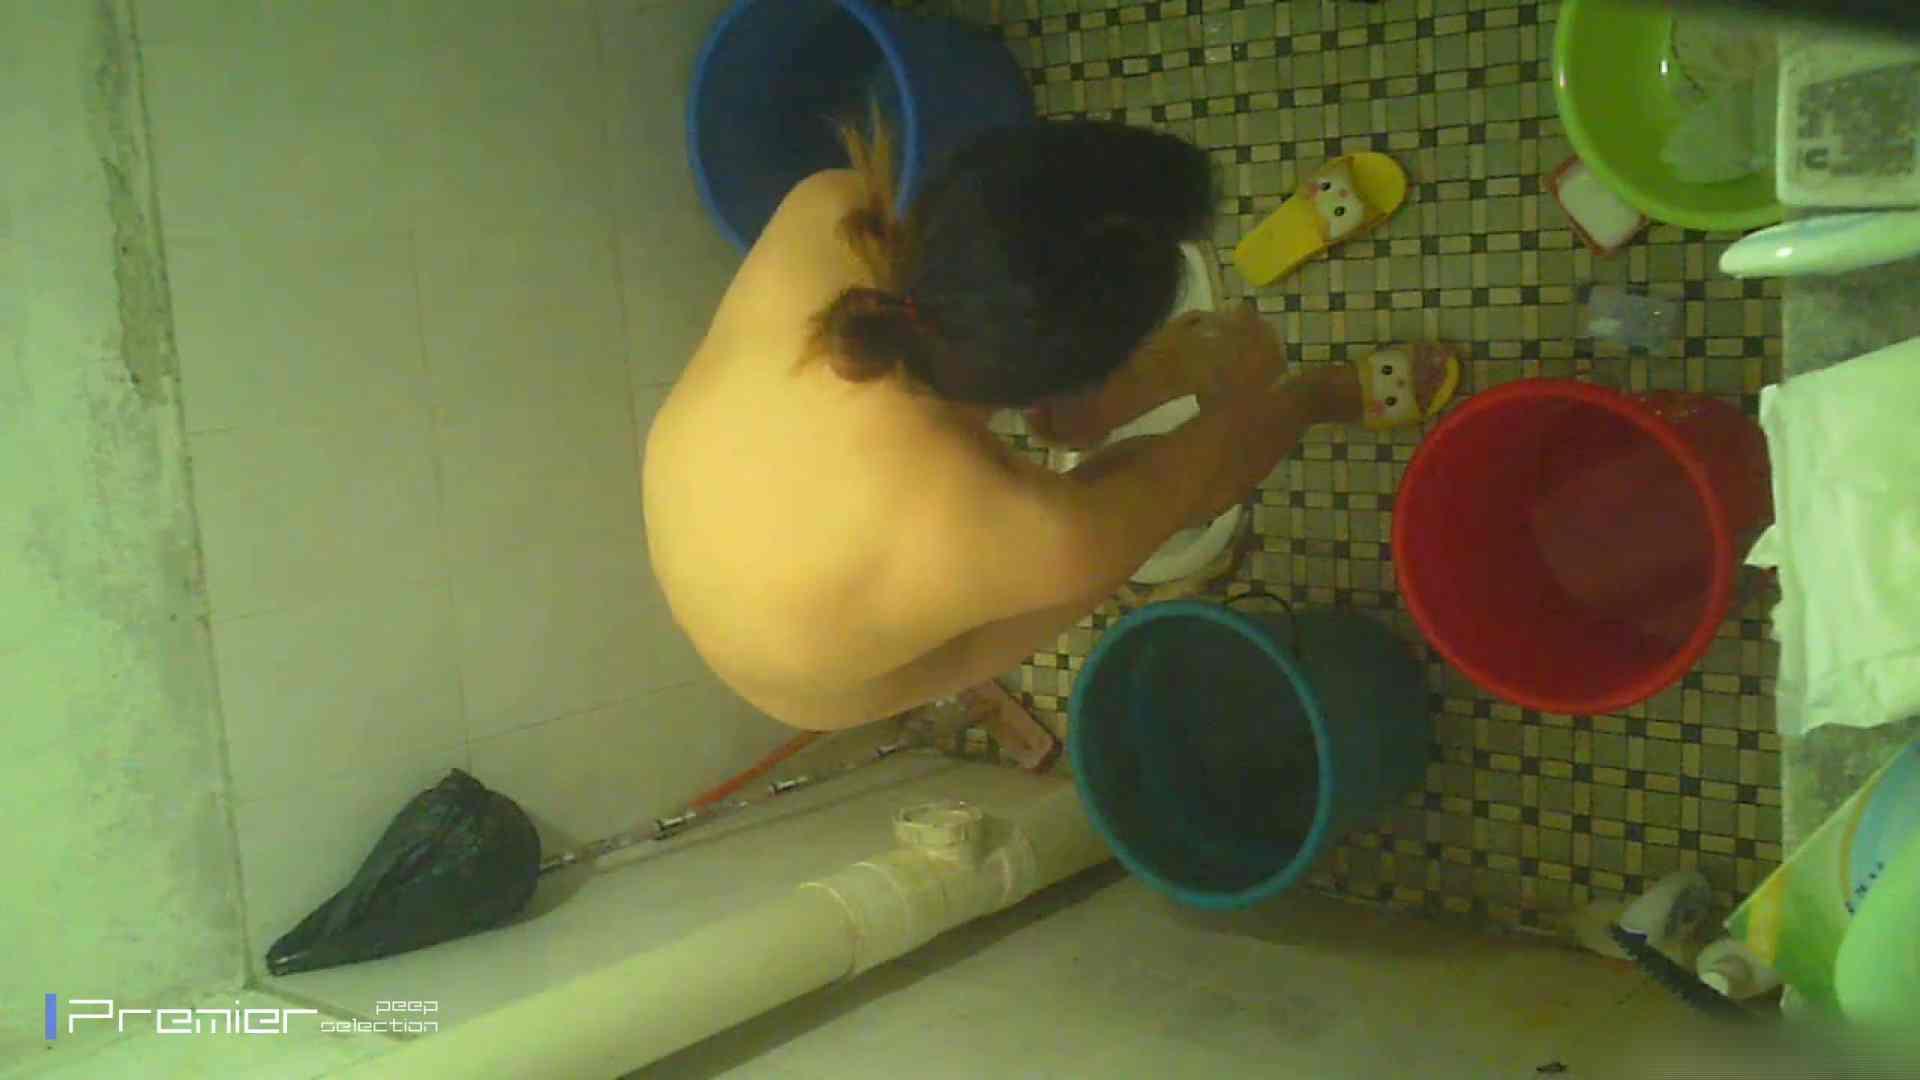 無料アダルト動画:美女の痴態に密着!洗面所で入浴! :怪盗ジョーカー